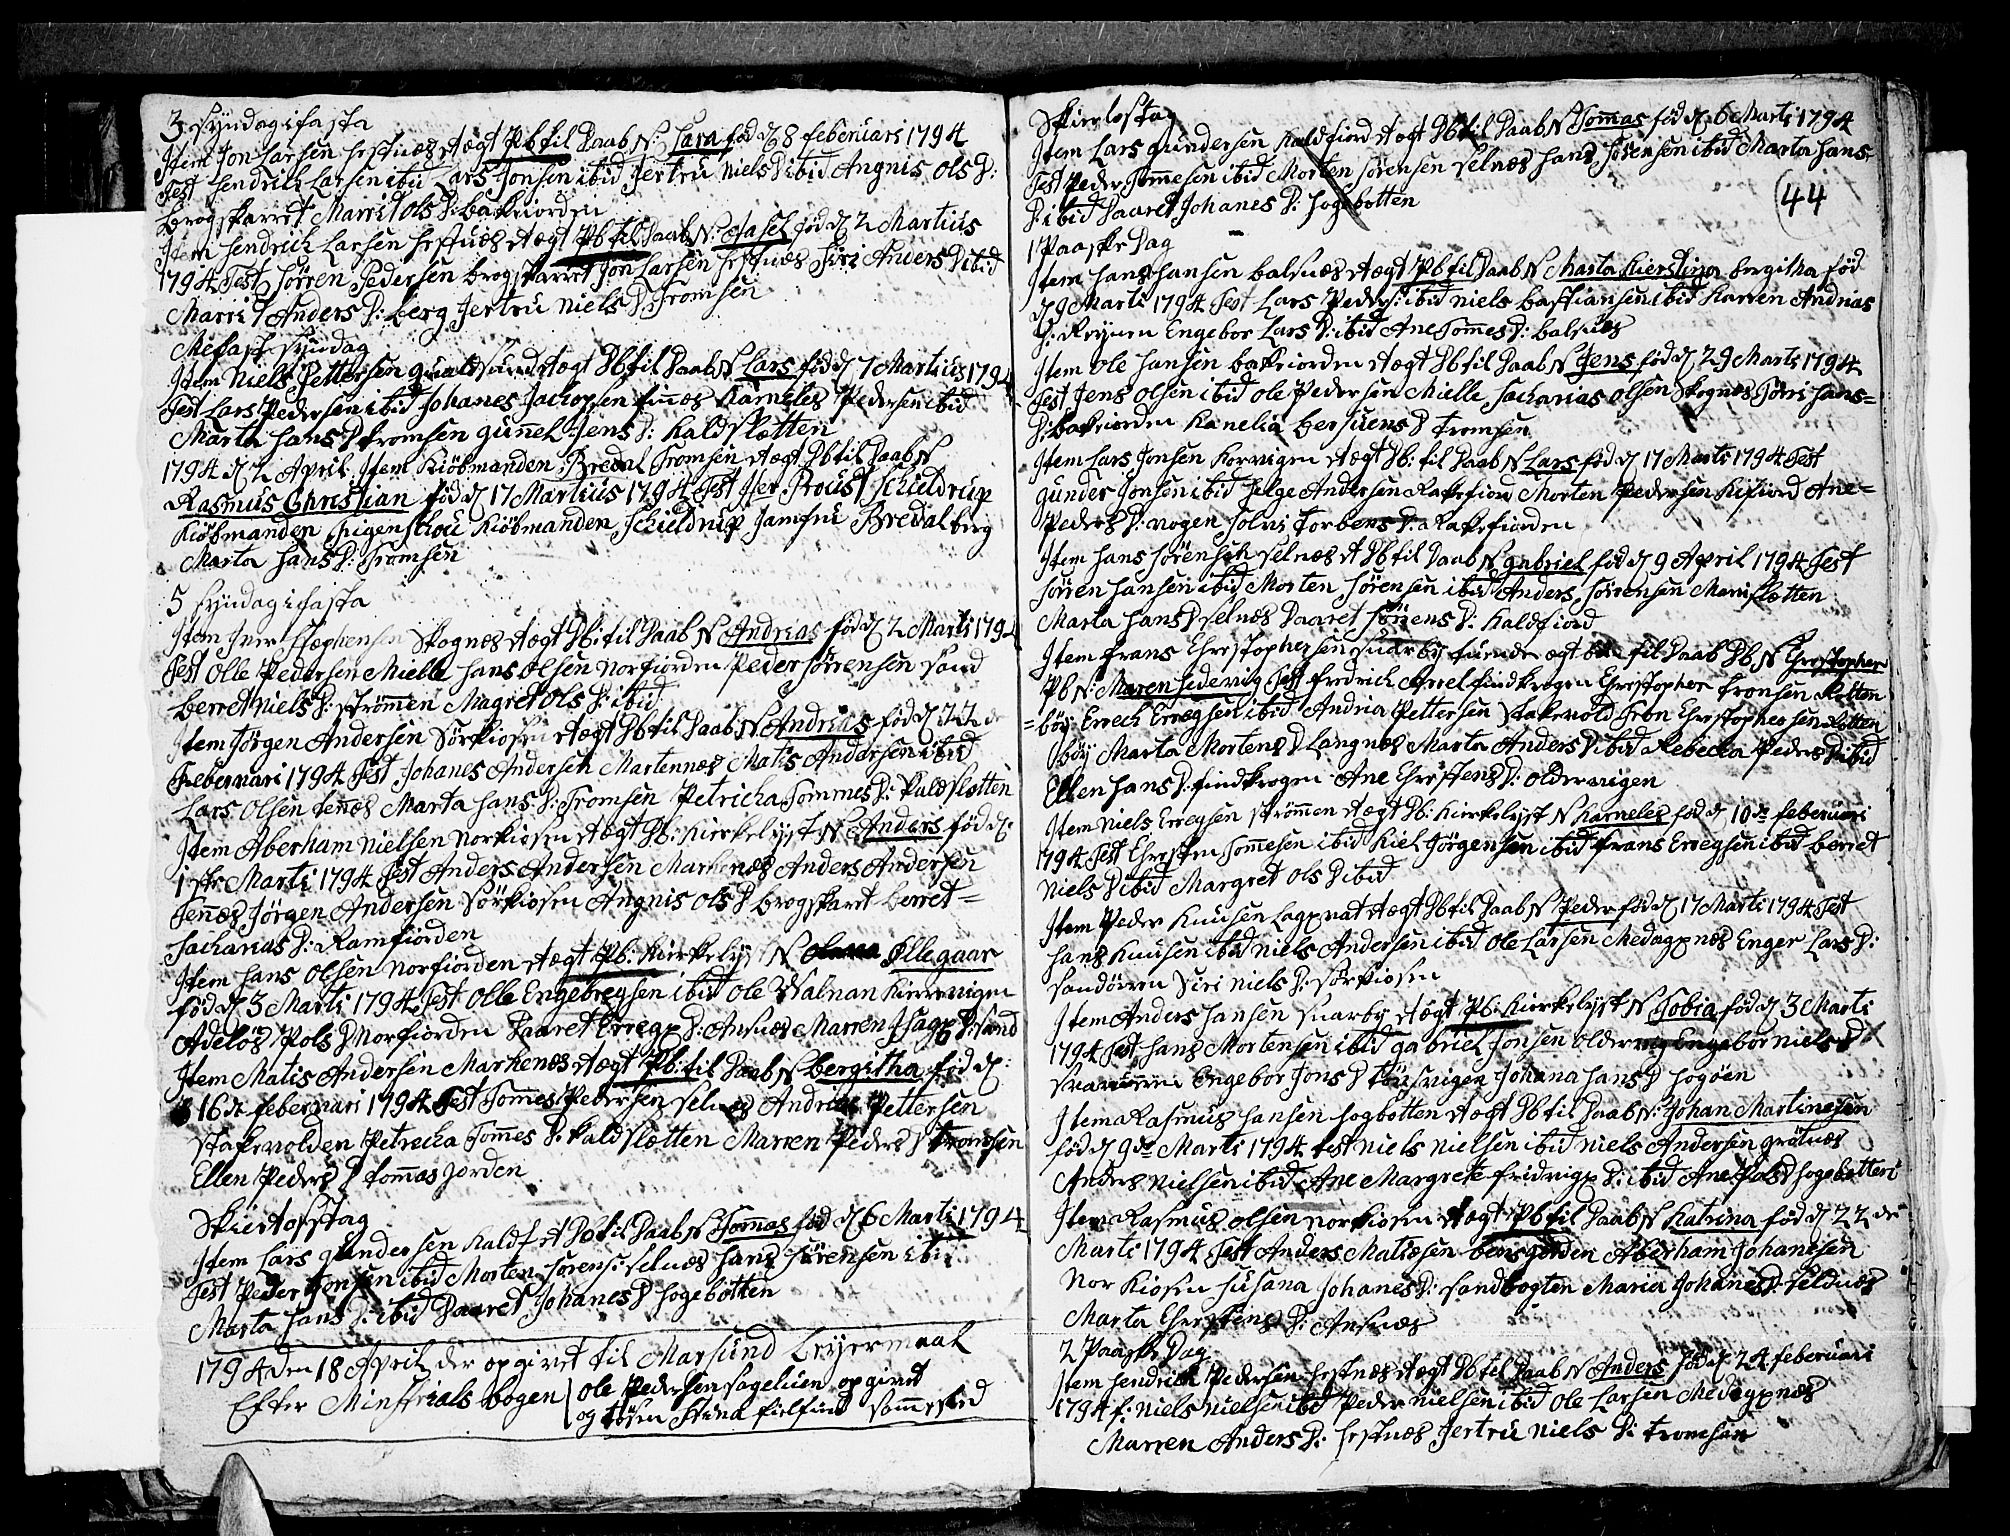 SATØ, Tromsø sokneprestkontor/stiftsprosti/domprosti, G/Ga/L0004kirke: Ministerialbok nr. 4, 1787-1795, s. 44